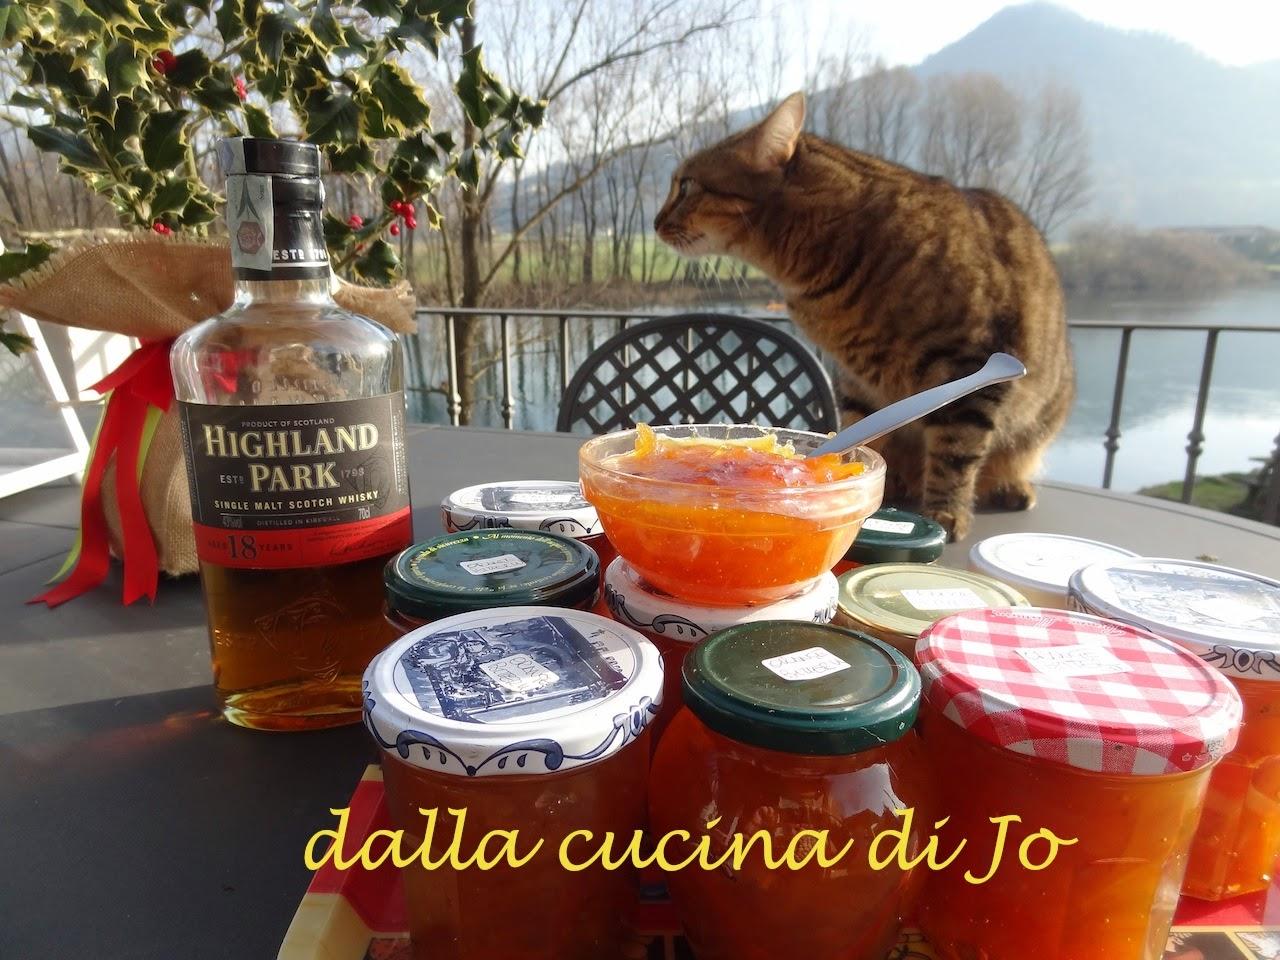 marmellata di arance amare al whisky